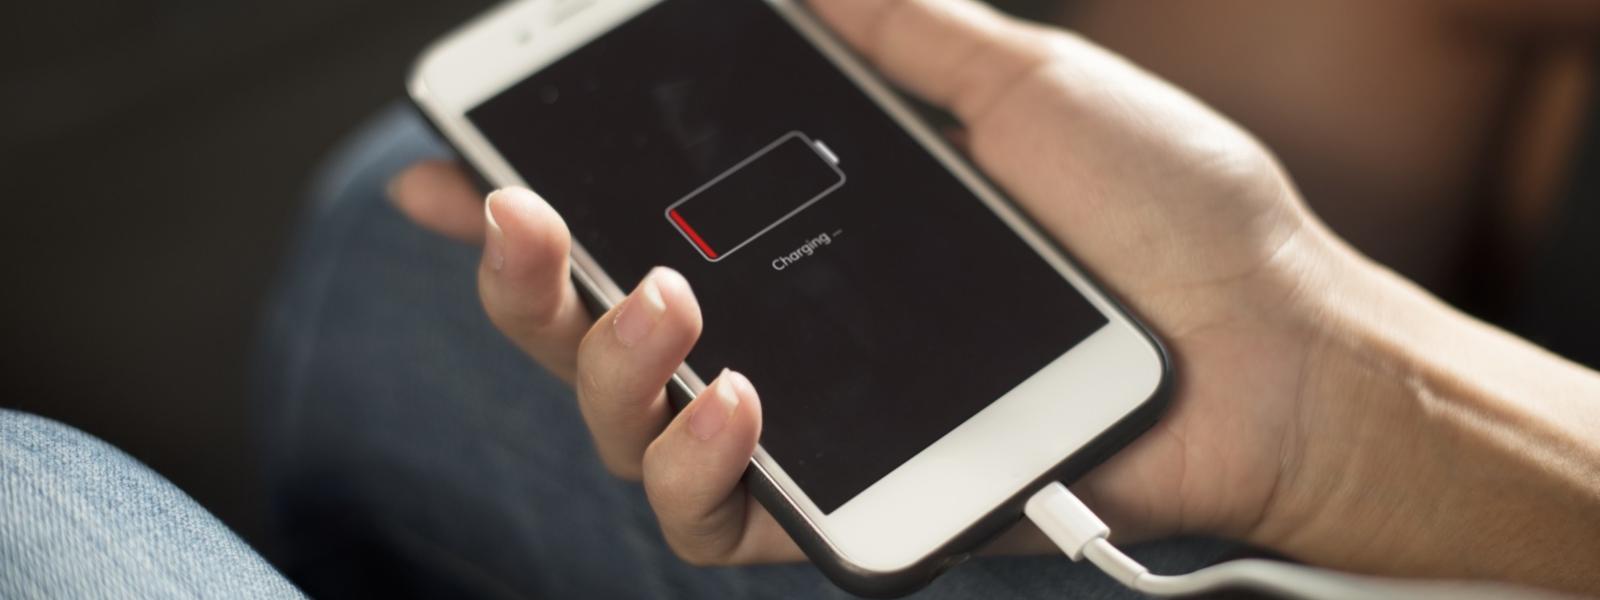 iPort - cennik wymiany baterii w iPhone'ach